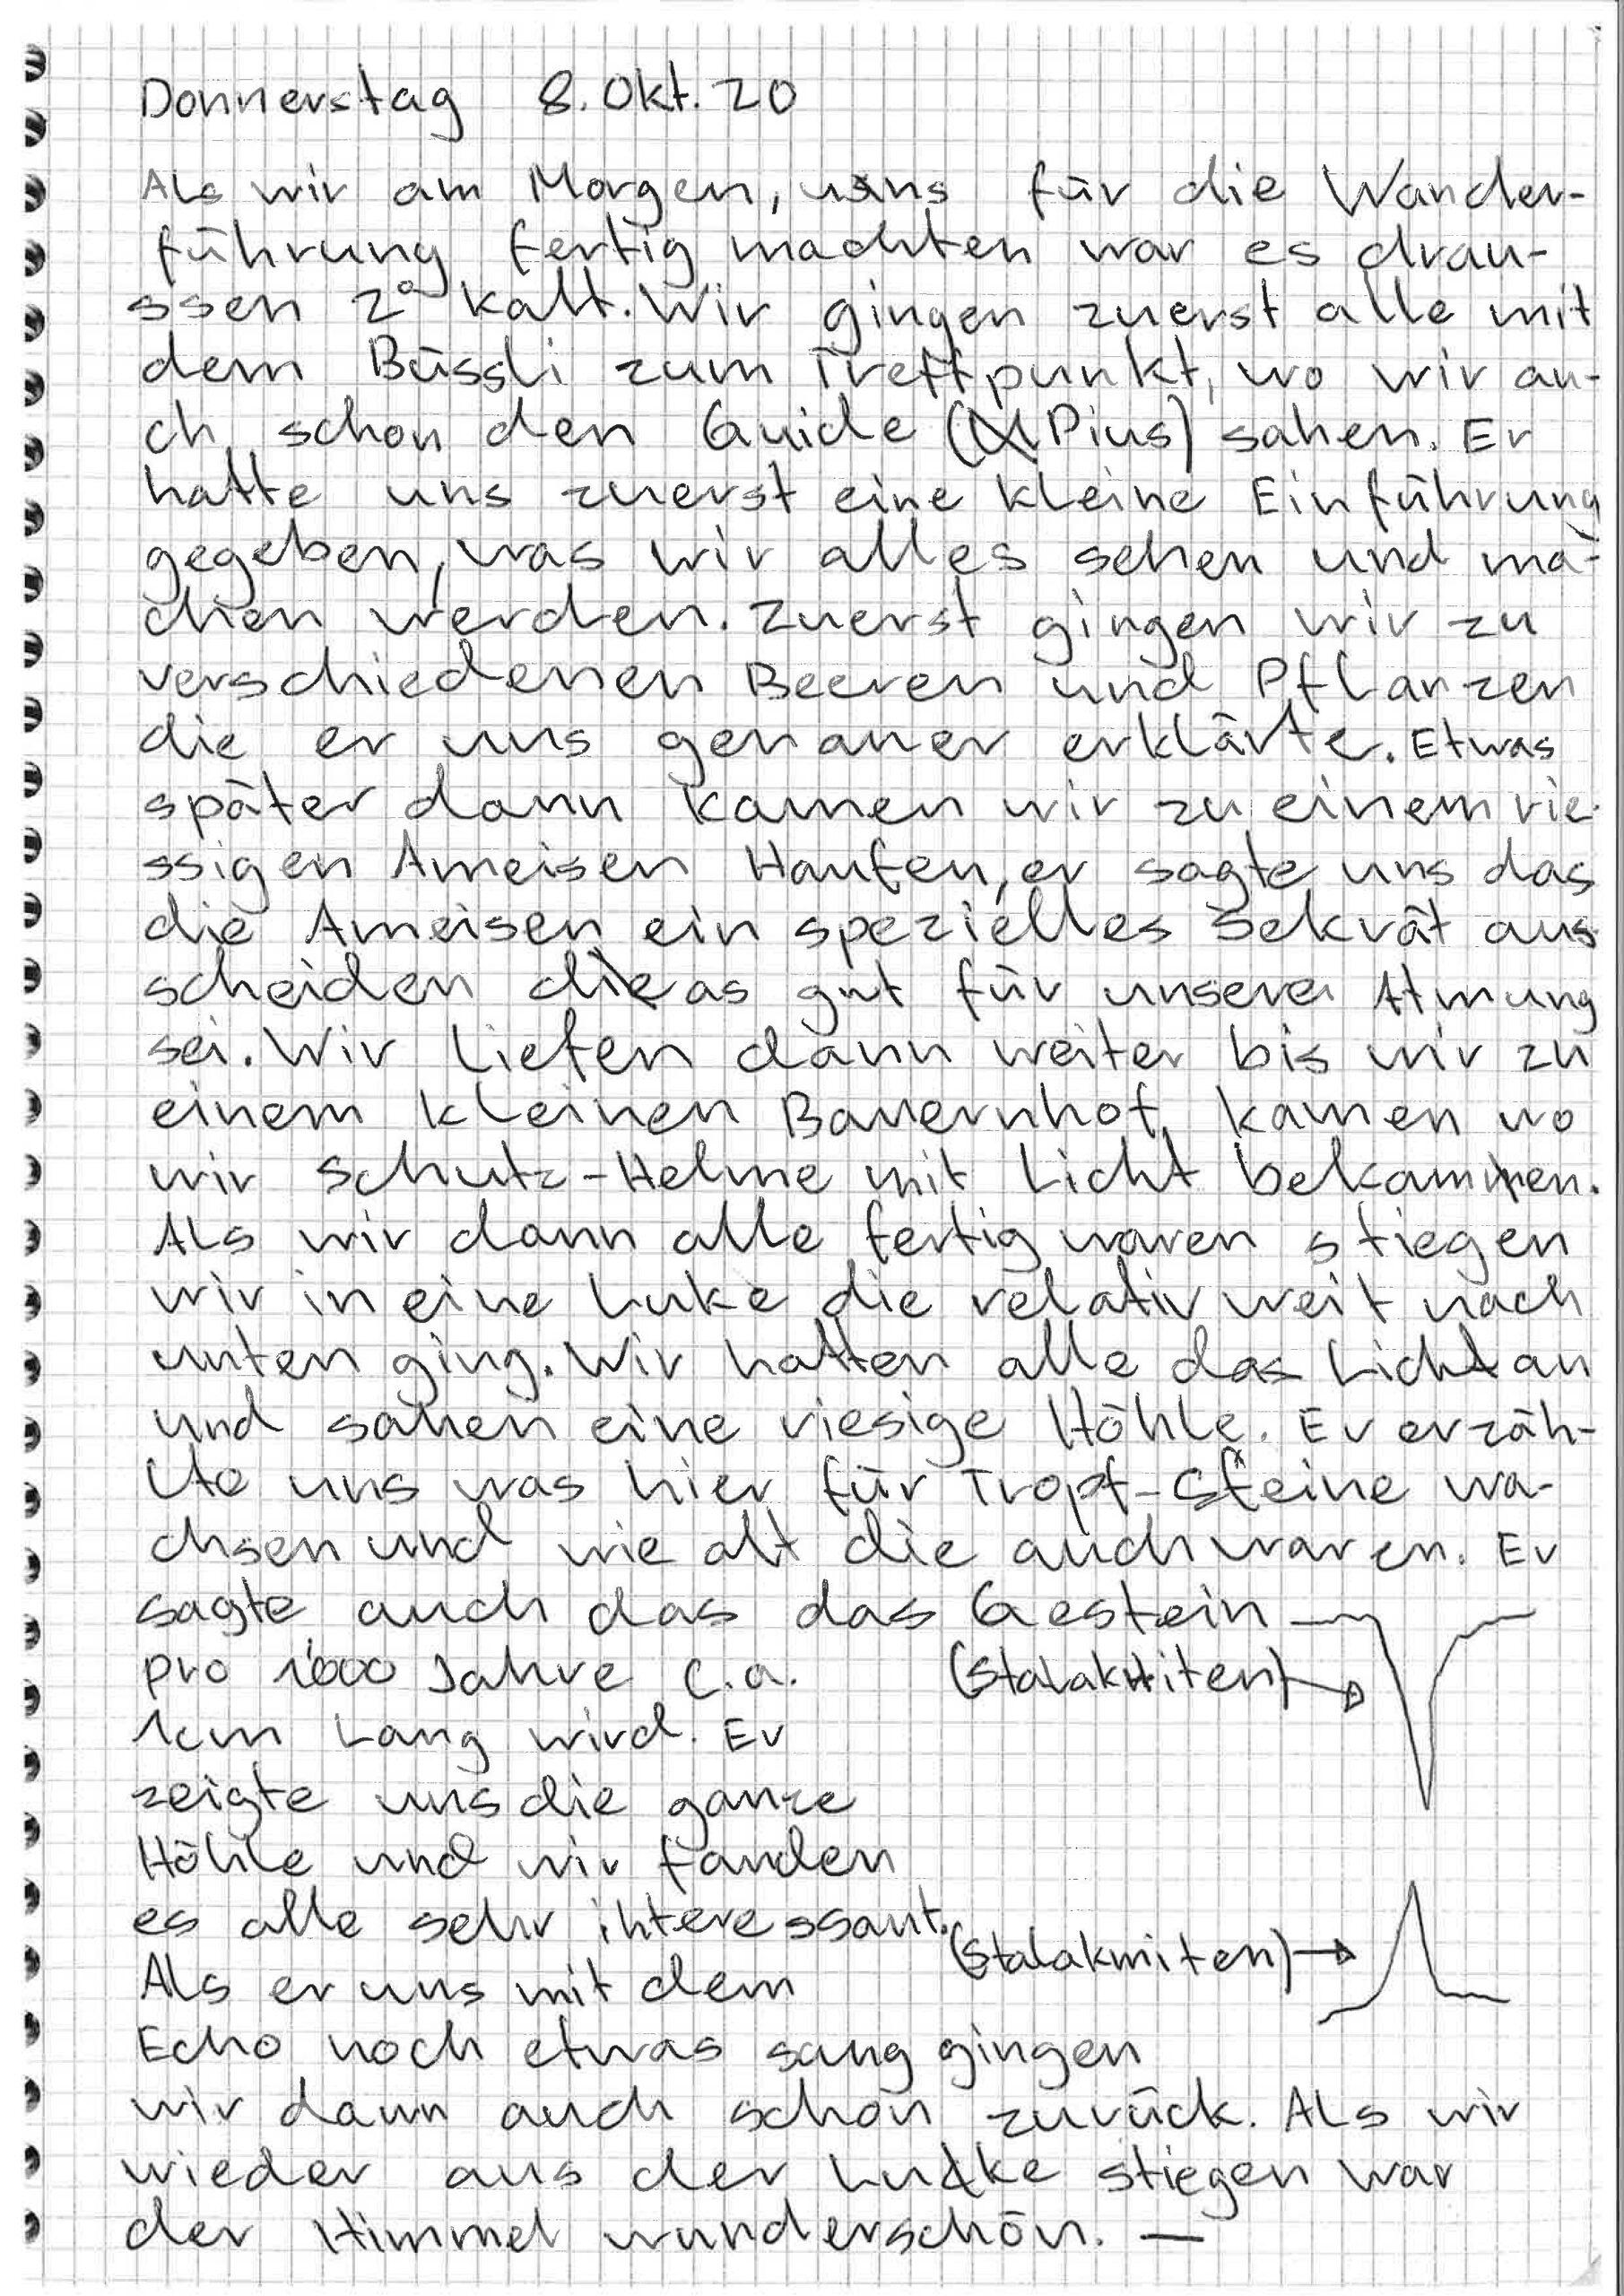 Herbstlager 2020 – Bericht von Melvin